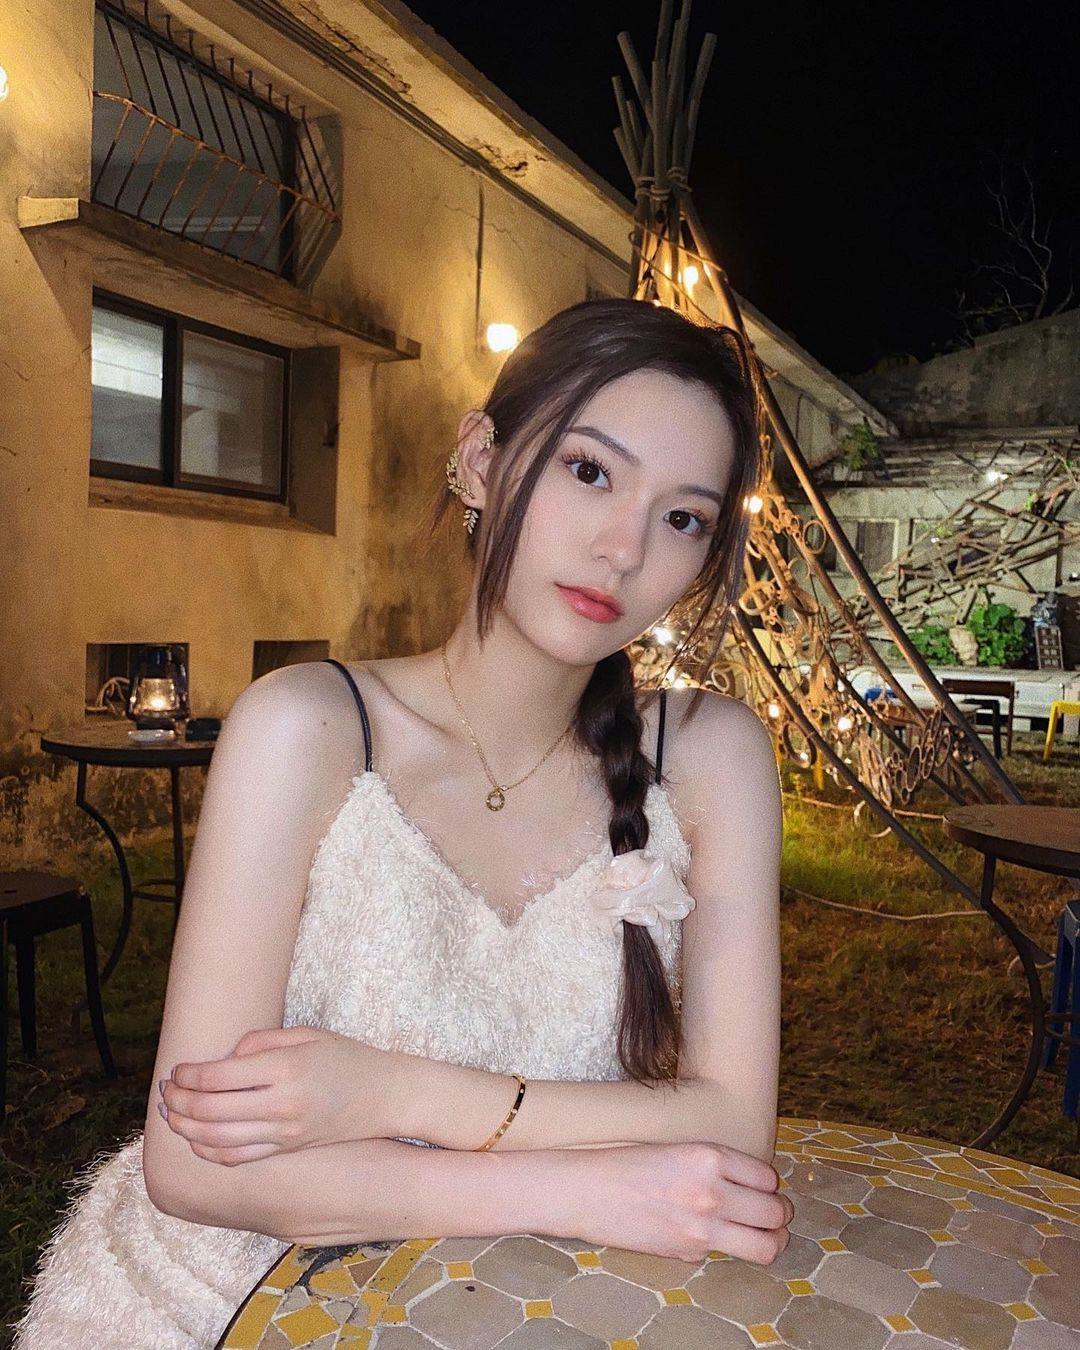 Lillian Chen脸蛋甜美身材火辣,穿搭气质漂亮还不忘性感